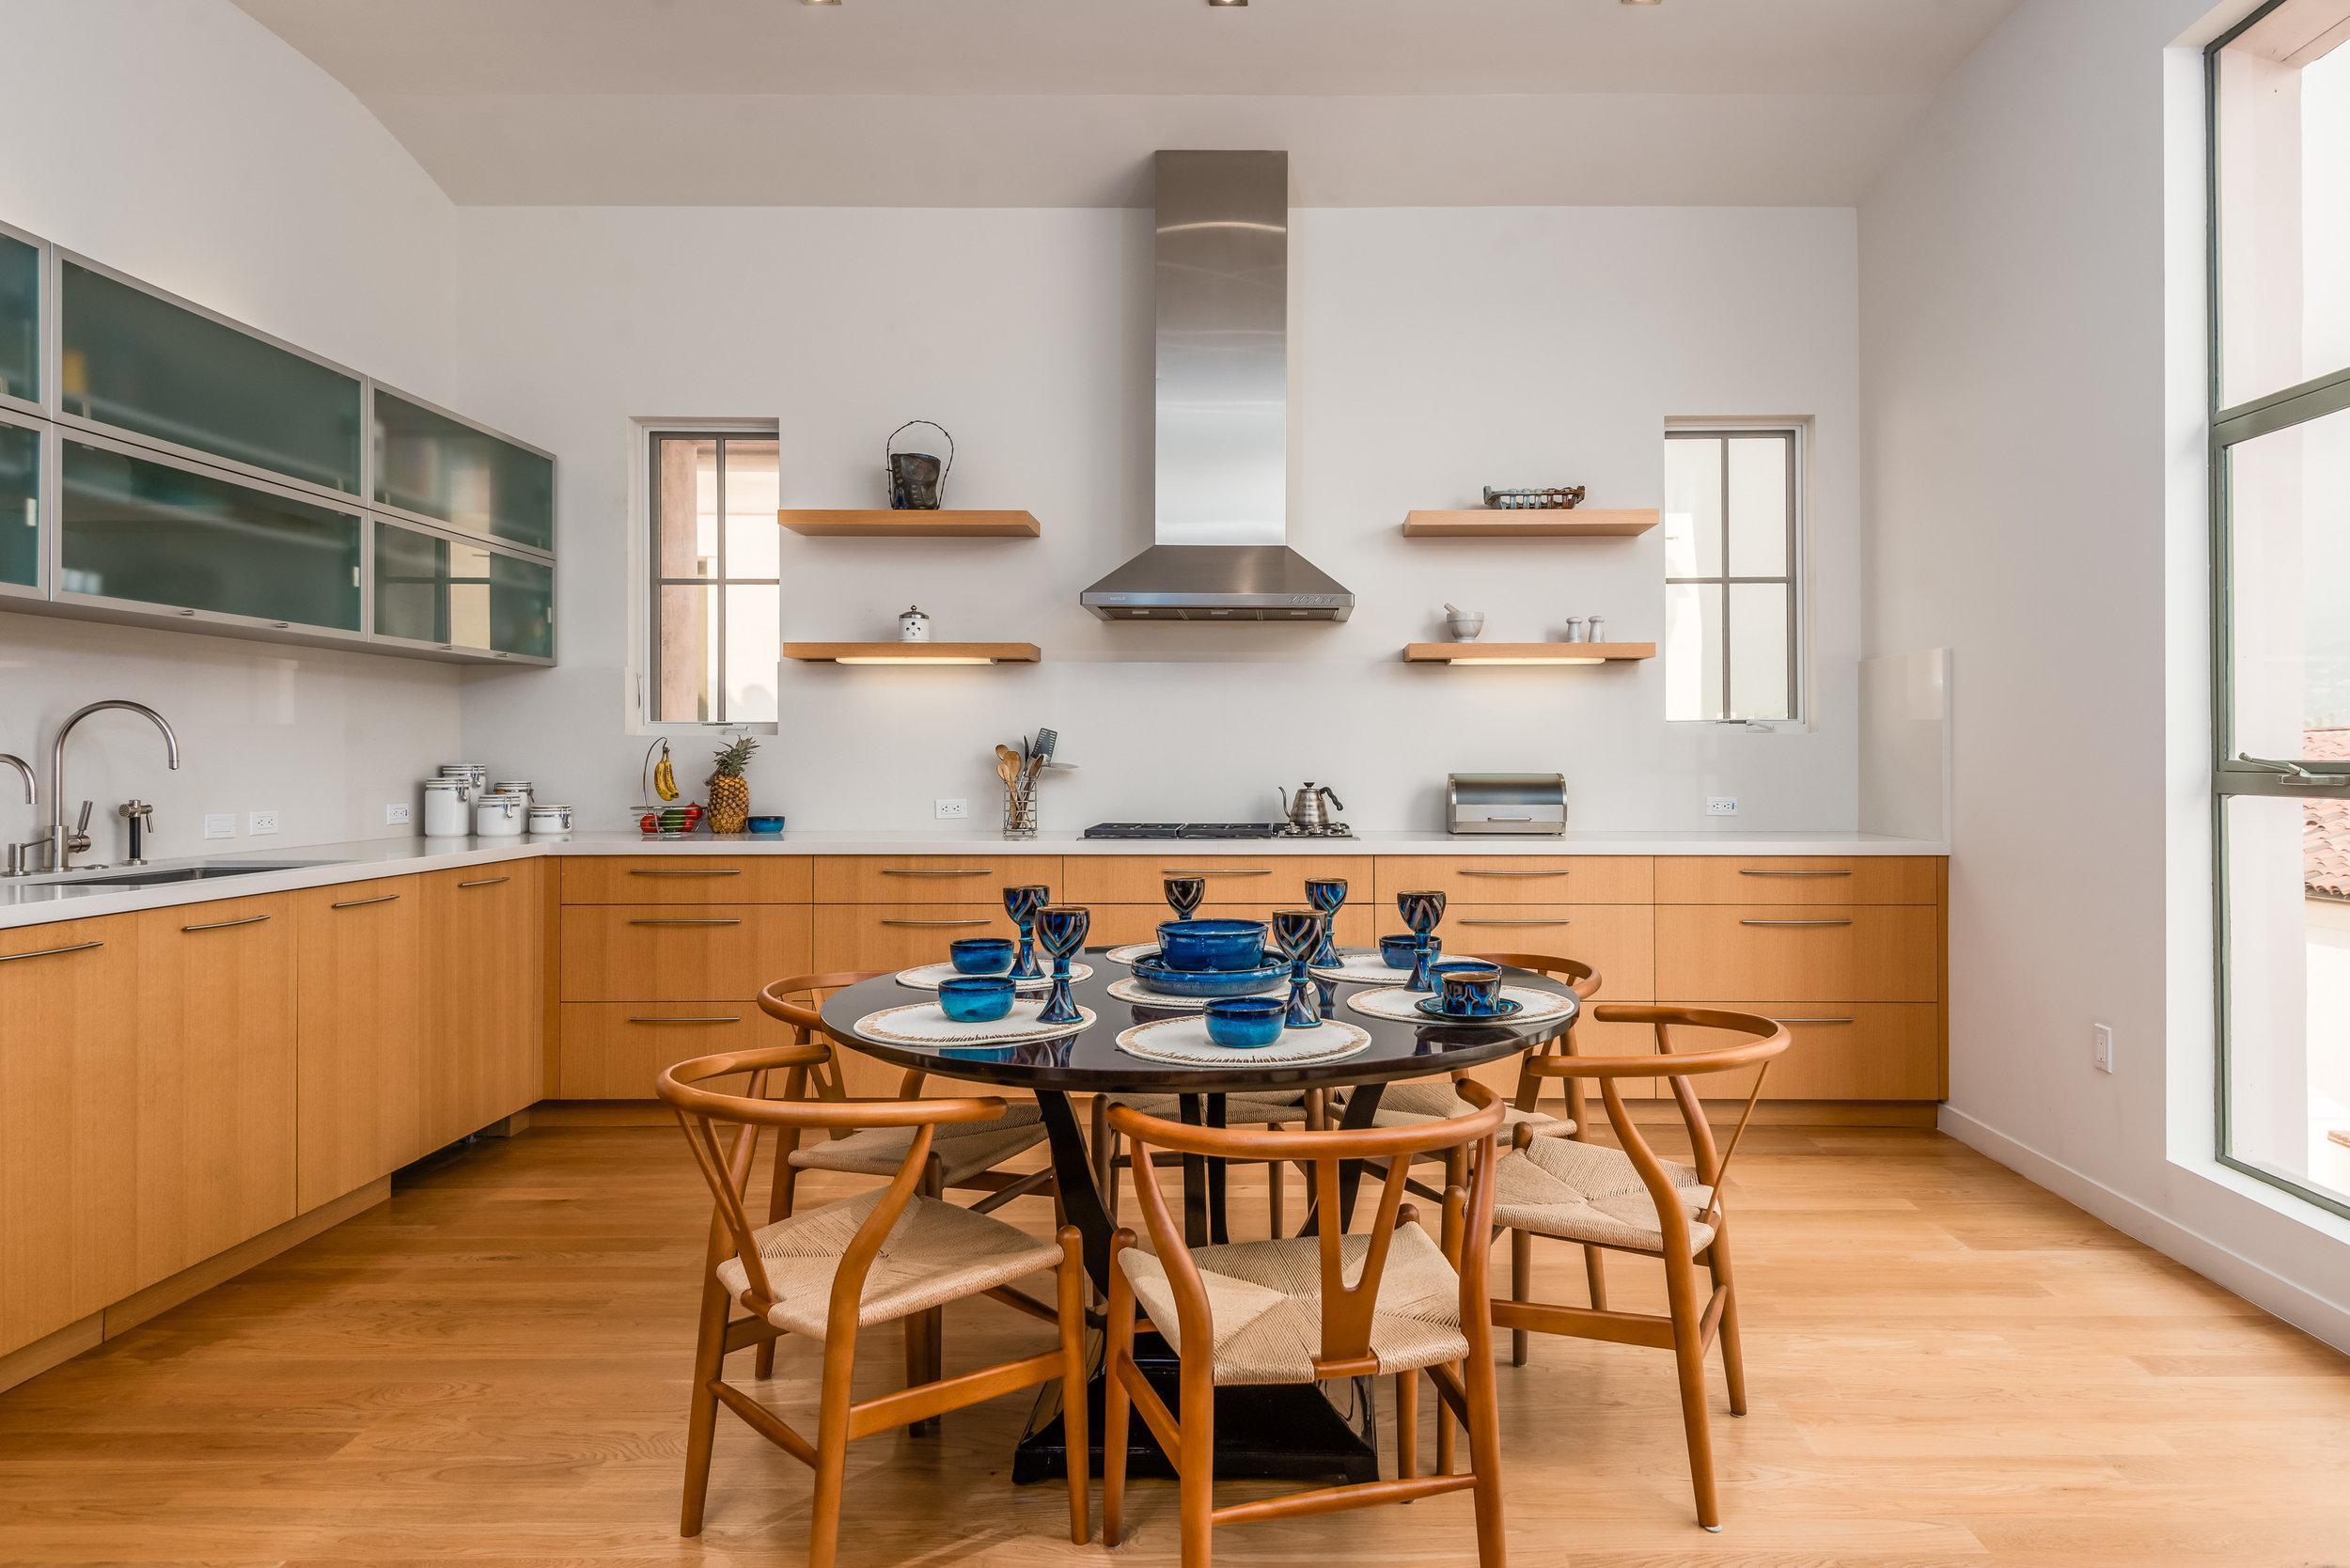 007_07-Kitchen.jpg